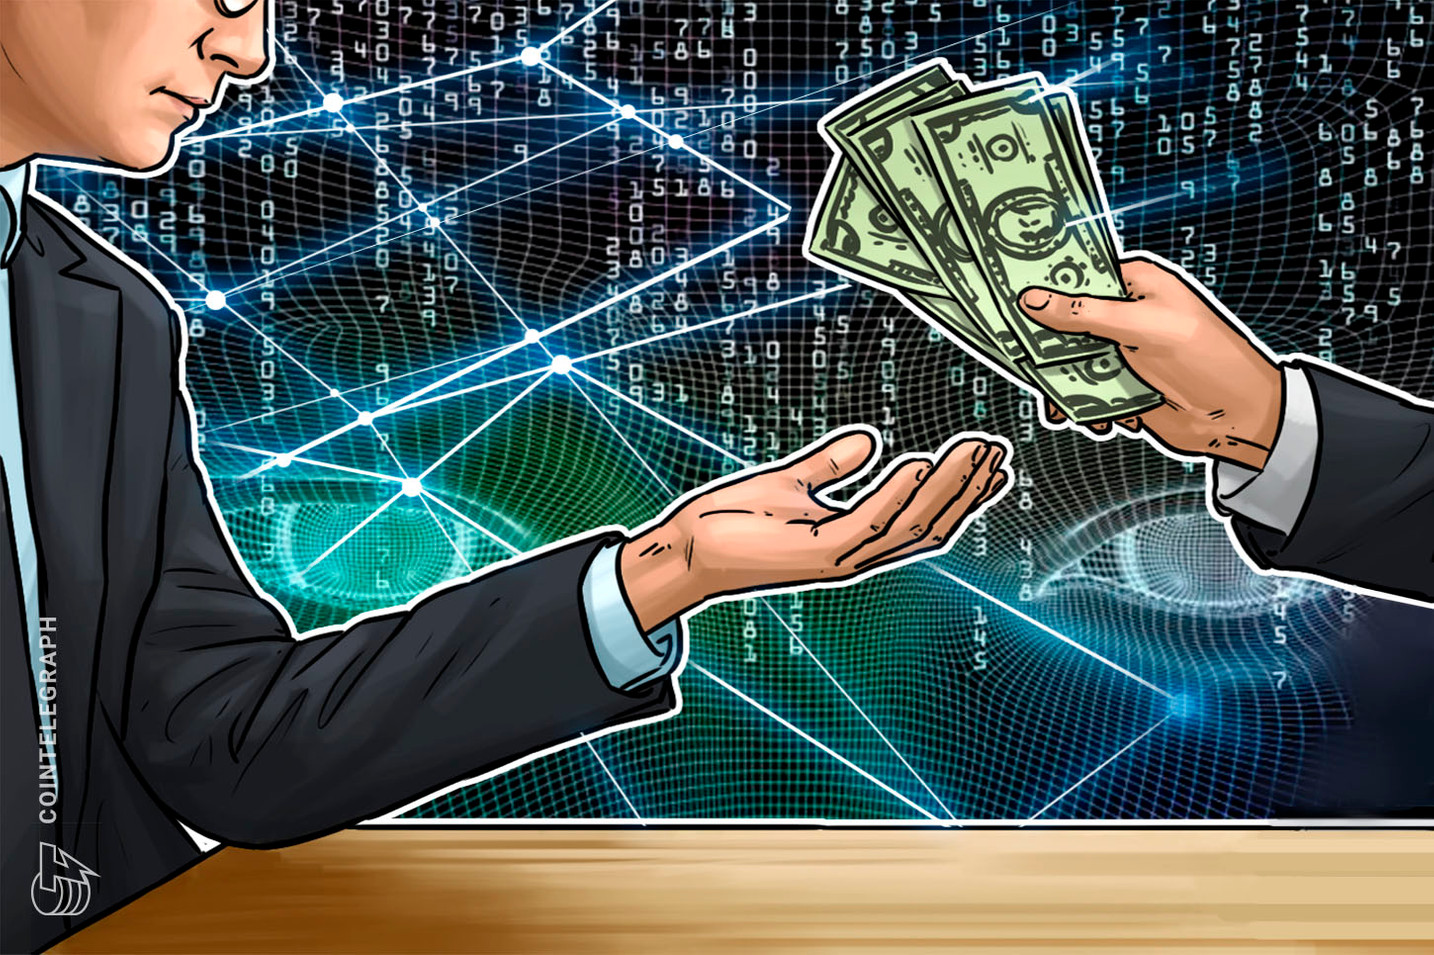 ジェネシスの仮想通貨融資額 100%超増加 | リップル(XRP)やビットコインキャッシュが減少した理由は?